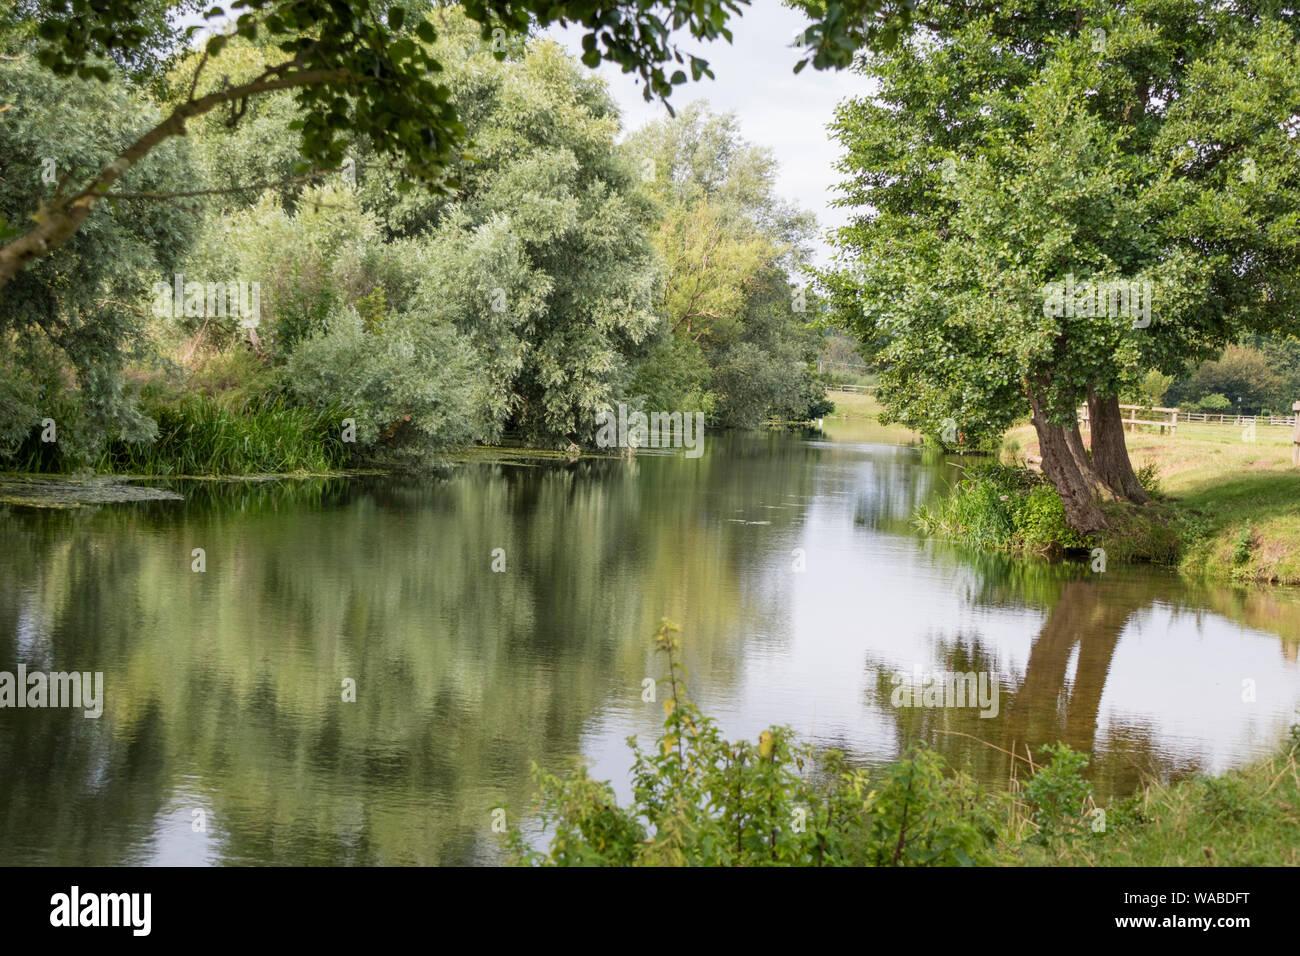 The River Stour près du moulin de Flatford du National Trust rendu célèbre par l'artiste John Constable 1776 -1837, Suffolk, Angleterre, Royaume-Uni Banque D'Images